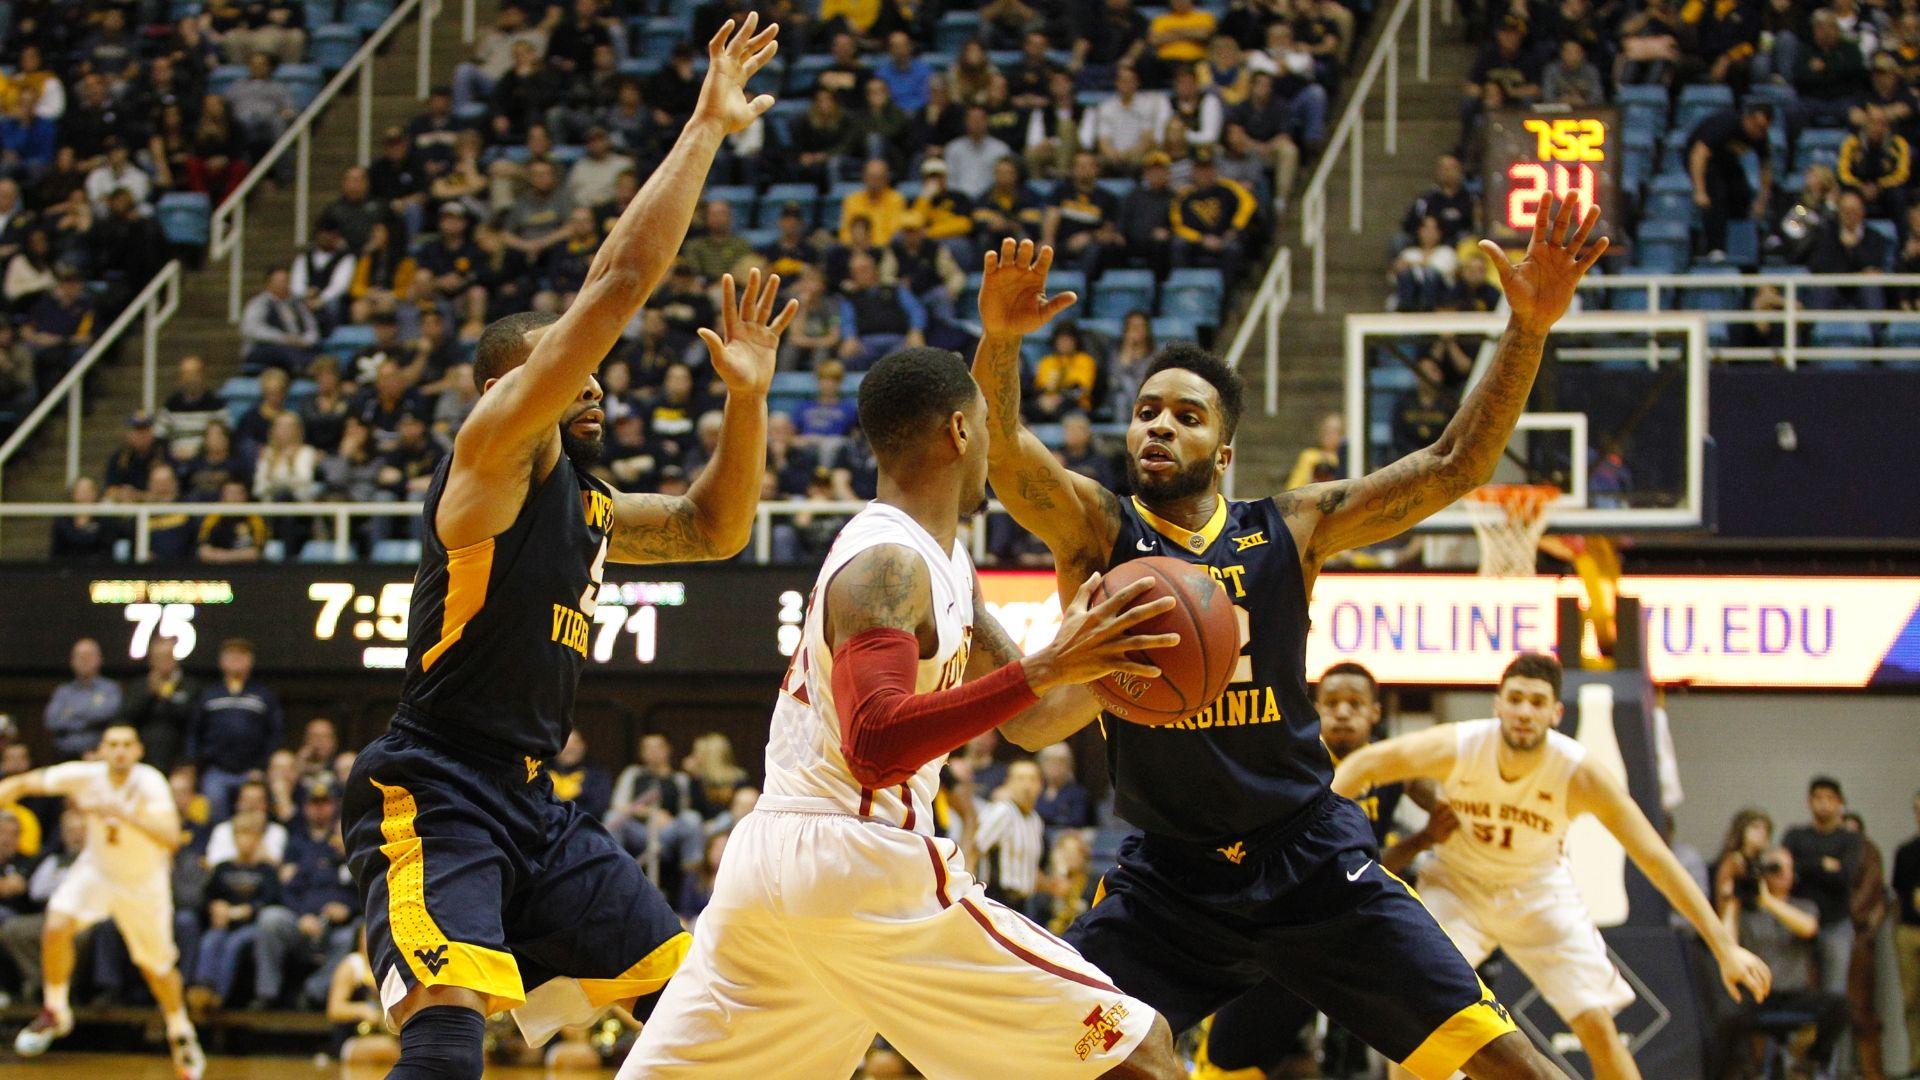 West Virginia snaps two-game losing streak - ESPN Video